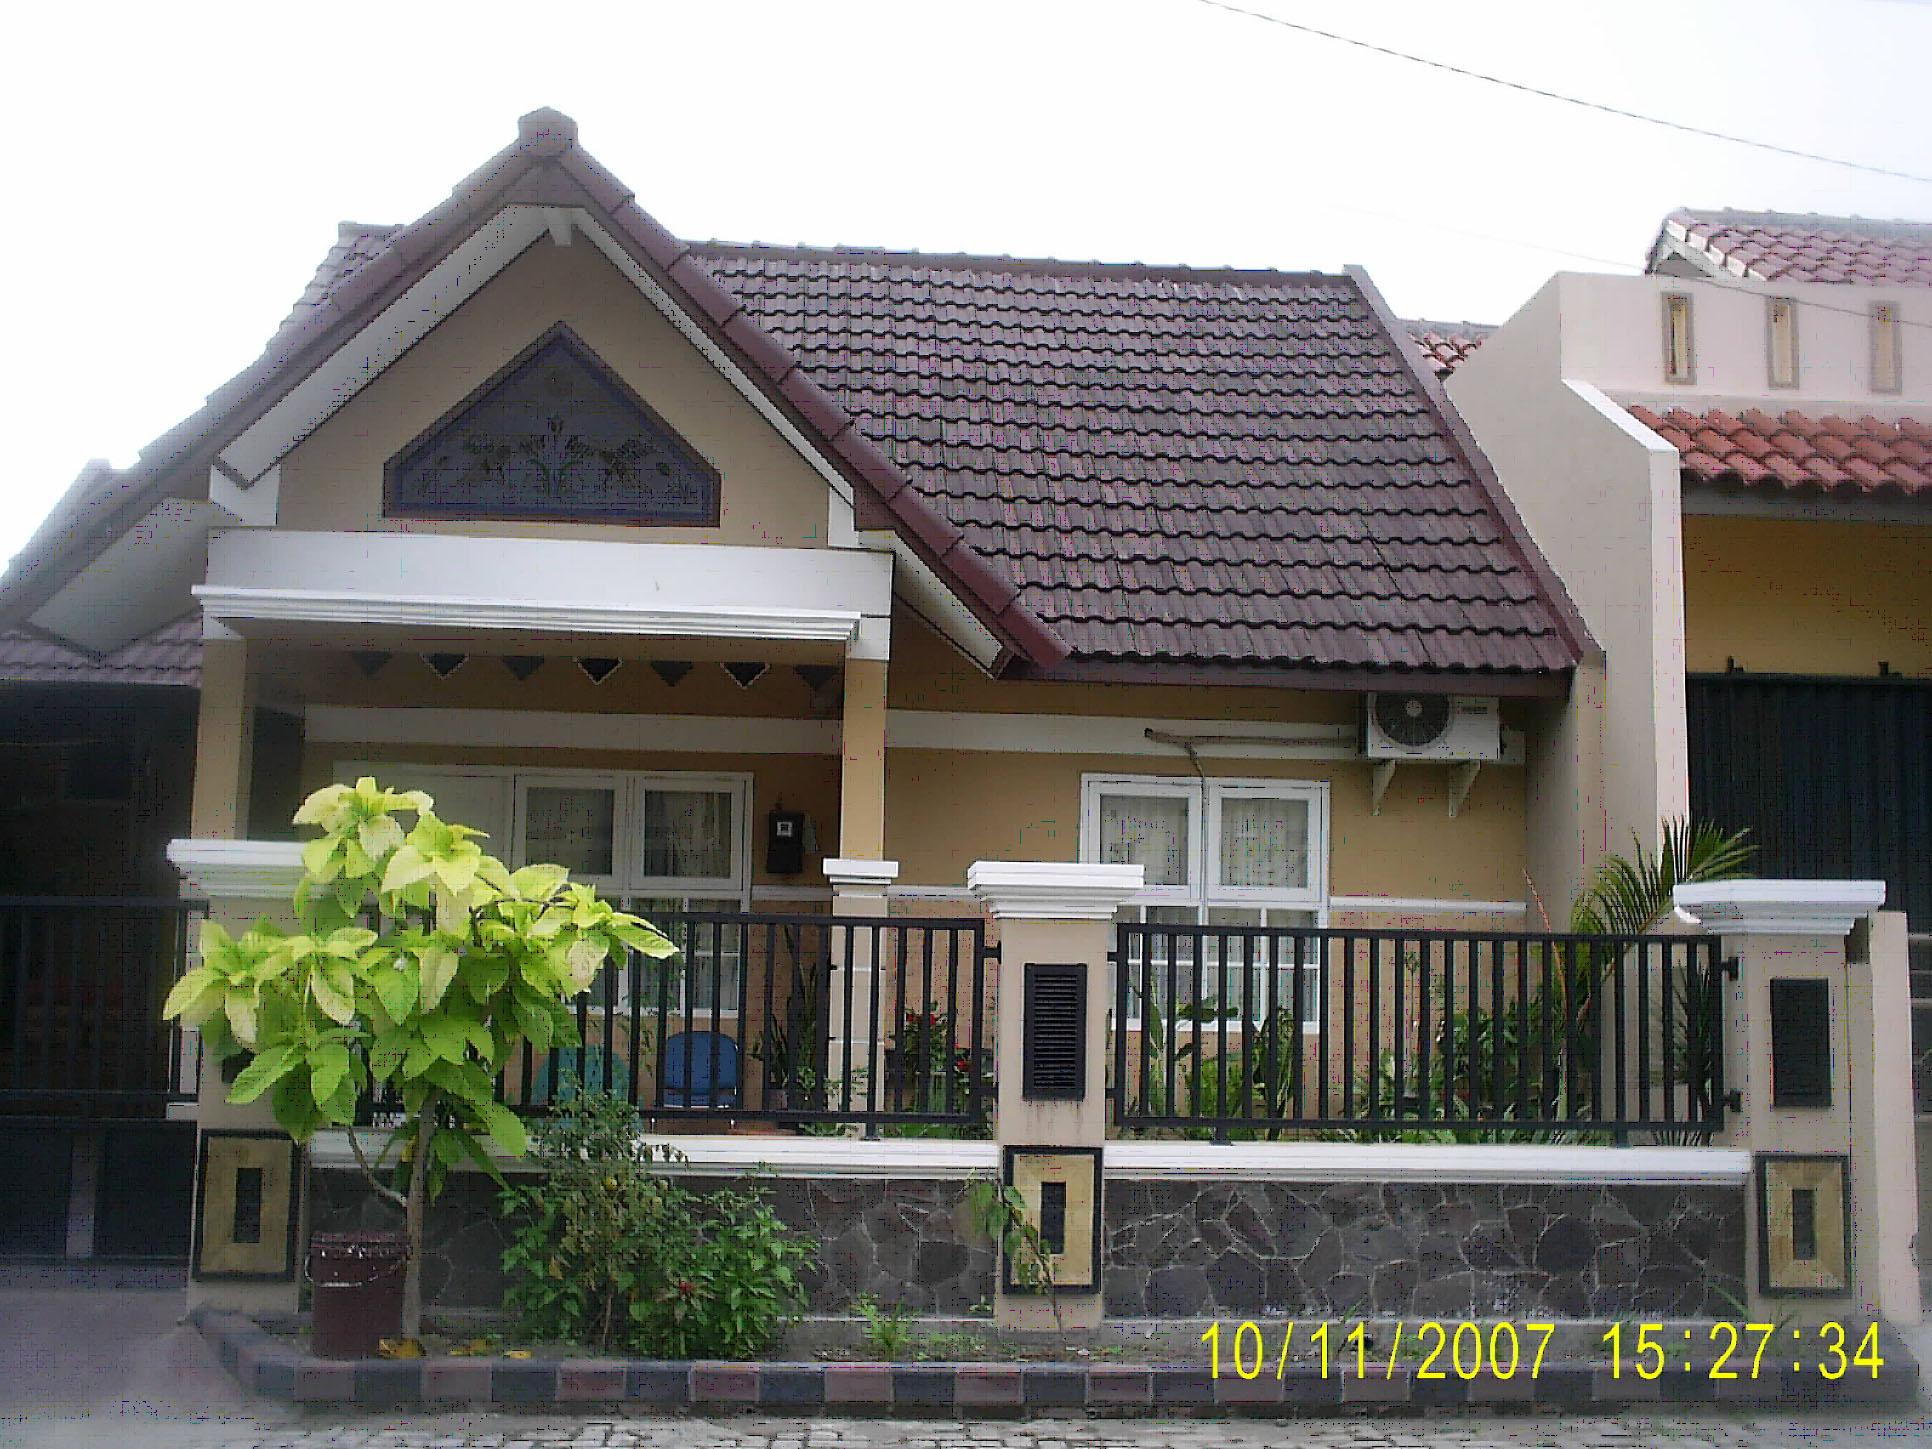 Renovasi Rumah Tinggal Milik Bpk. Putut Lokasi Jl. Kaliwaru No. 63